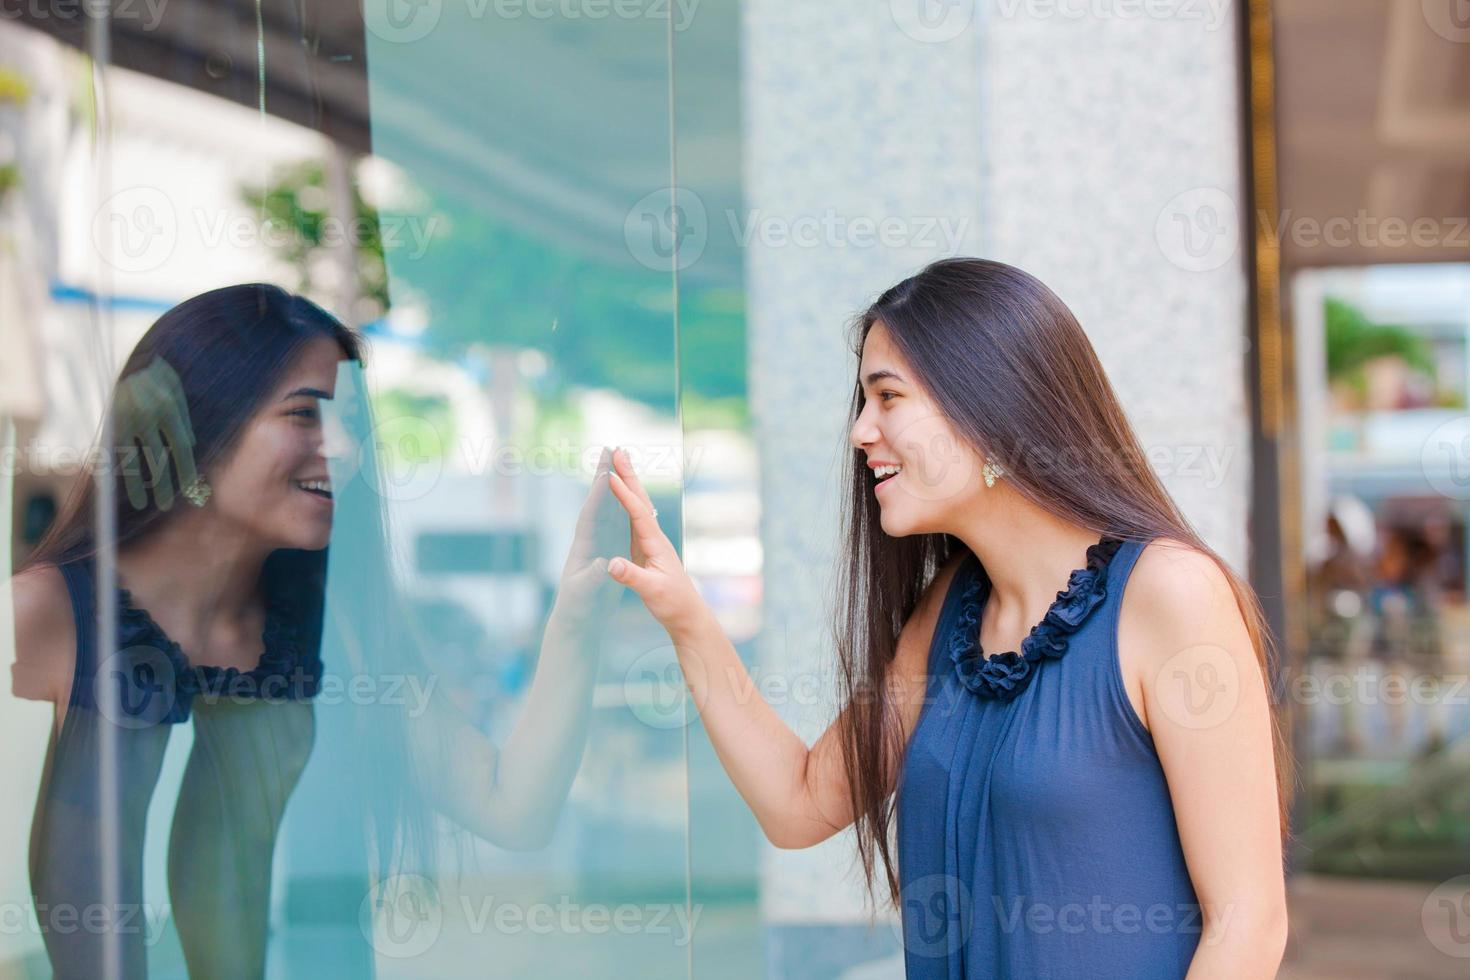 biracial tonåring tjej fönster shopping i urban miljö i centrum foto